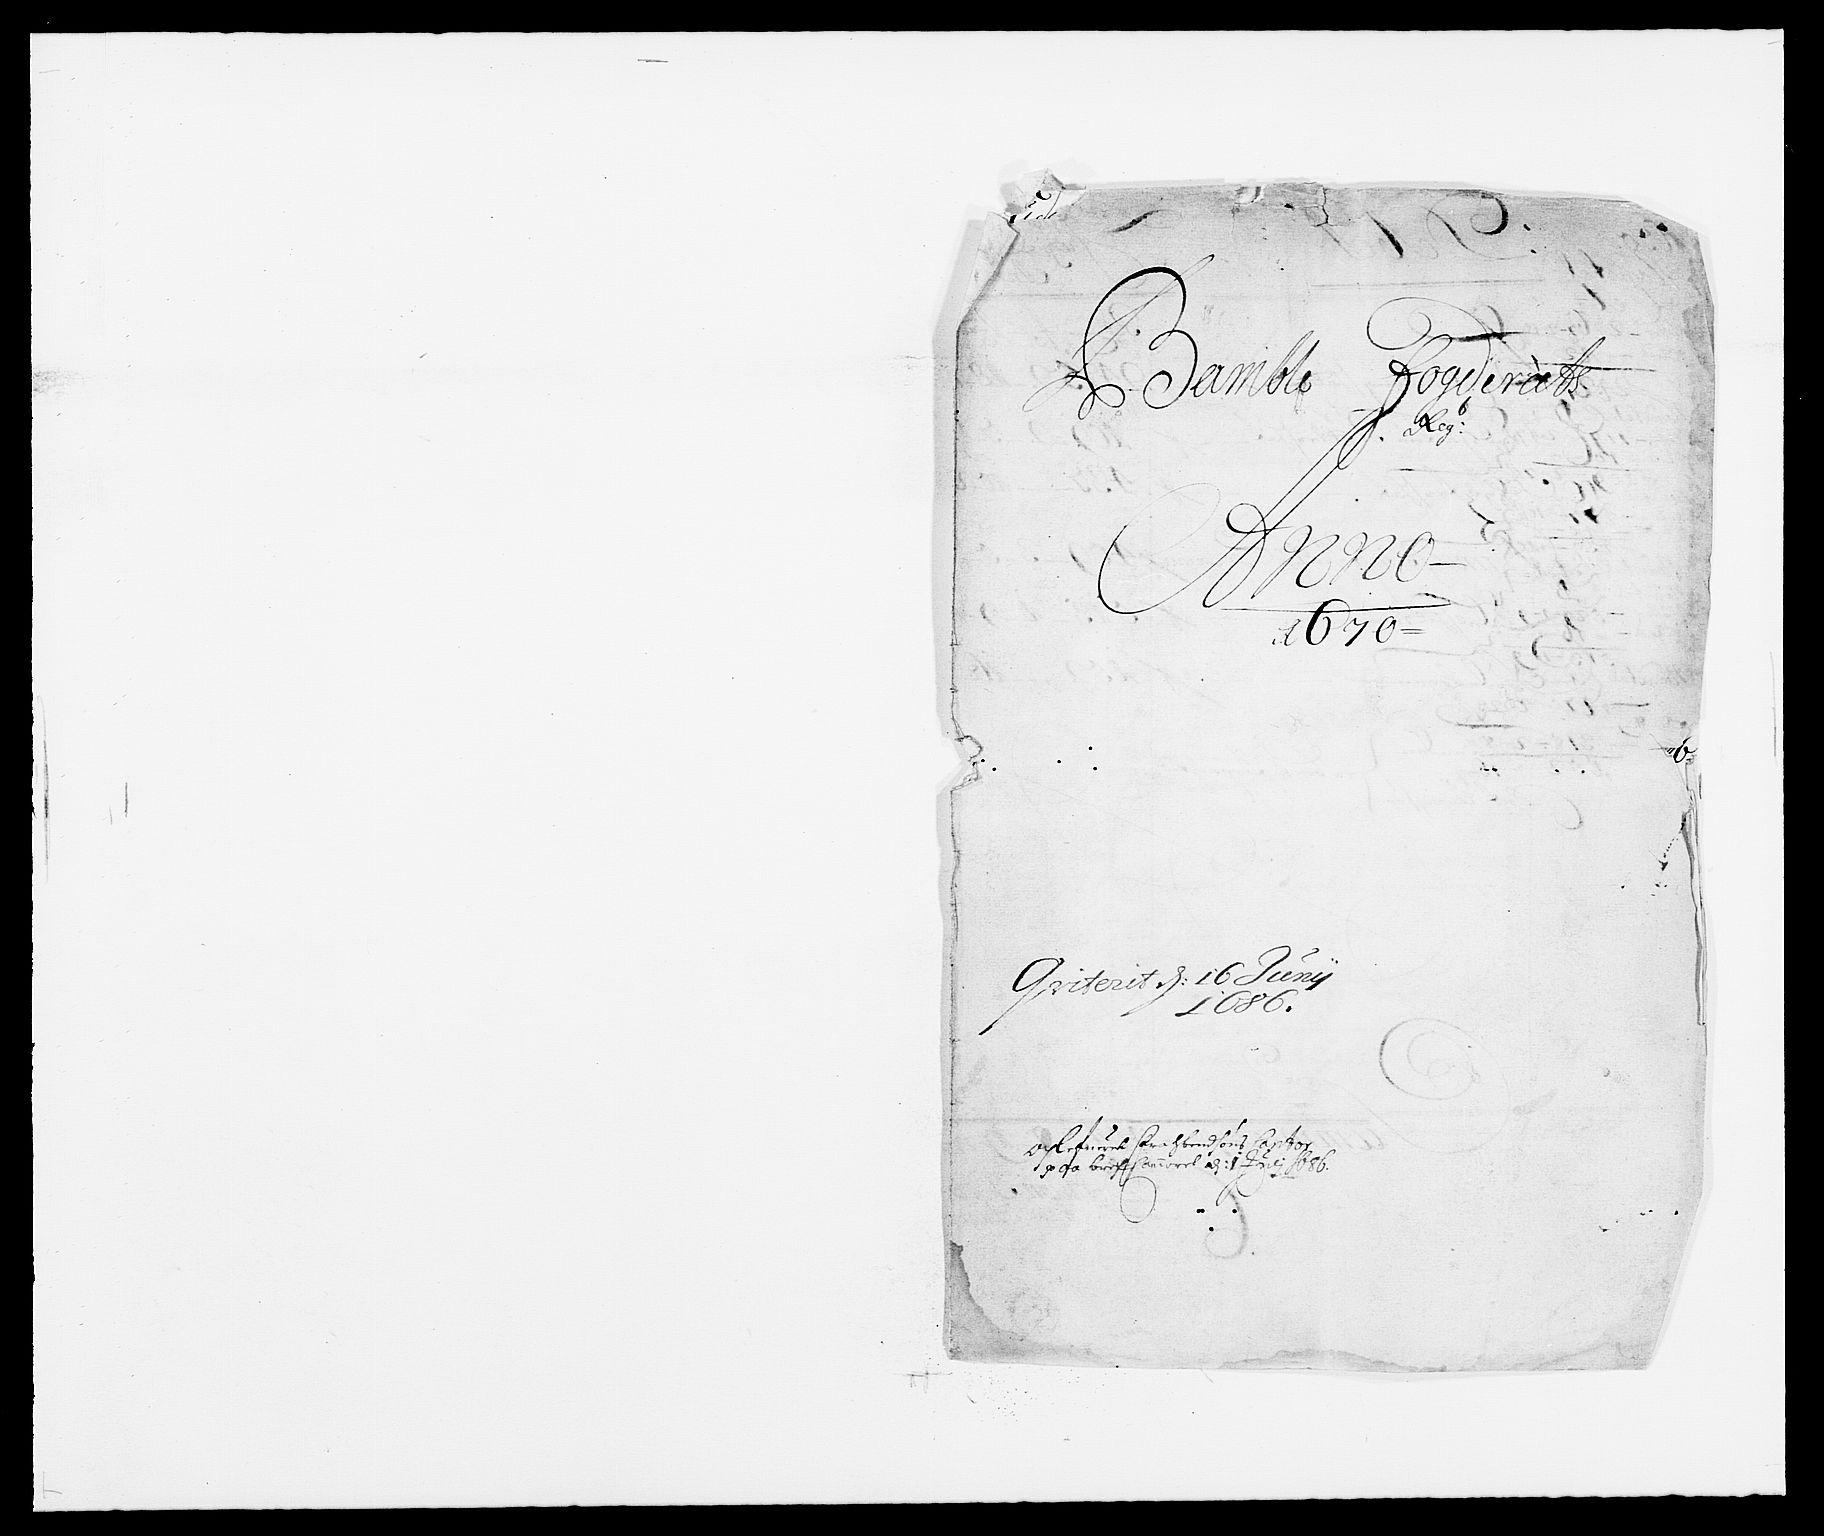 RA, Rentekammeret inntil 1814, Reviderte regnskaper, Fogderegnskap, R34/L2041: Fogderegnskap Bamble, 1670-1672, s. 1